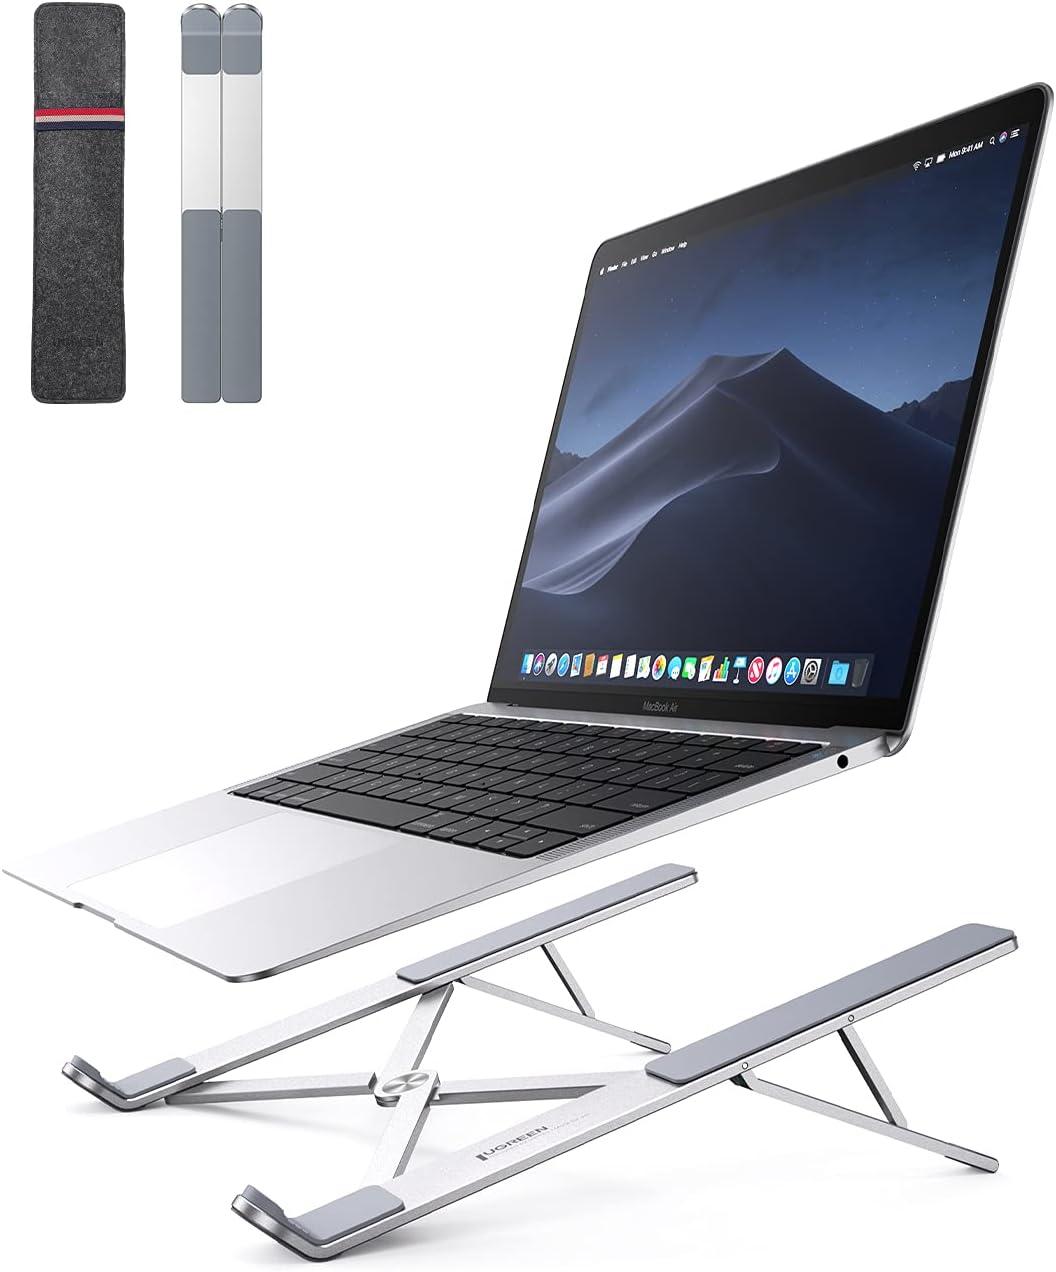 UGREEN Soporte Portátil para Mesa Plegable, Soporte para Ordenador Portátil Altura Ajustable Soporte Ventilado de Aluminio Laptop Stand Compatible con MacBook Air Pro, ASUS HP Surface Lenovo 8-17.3